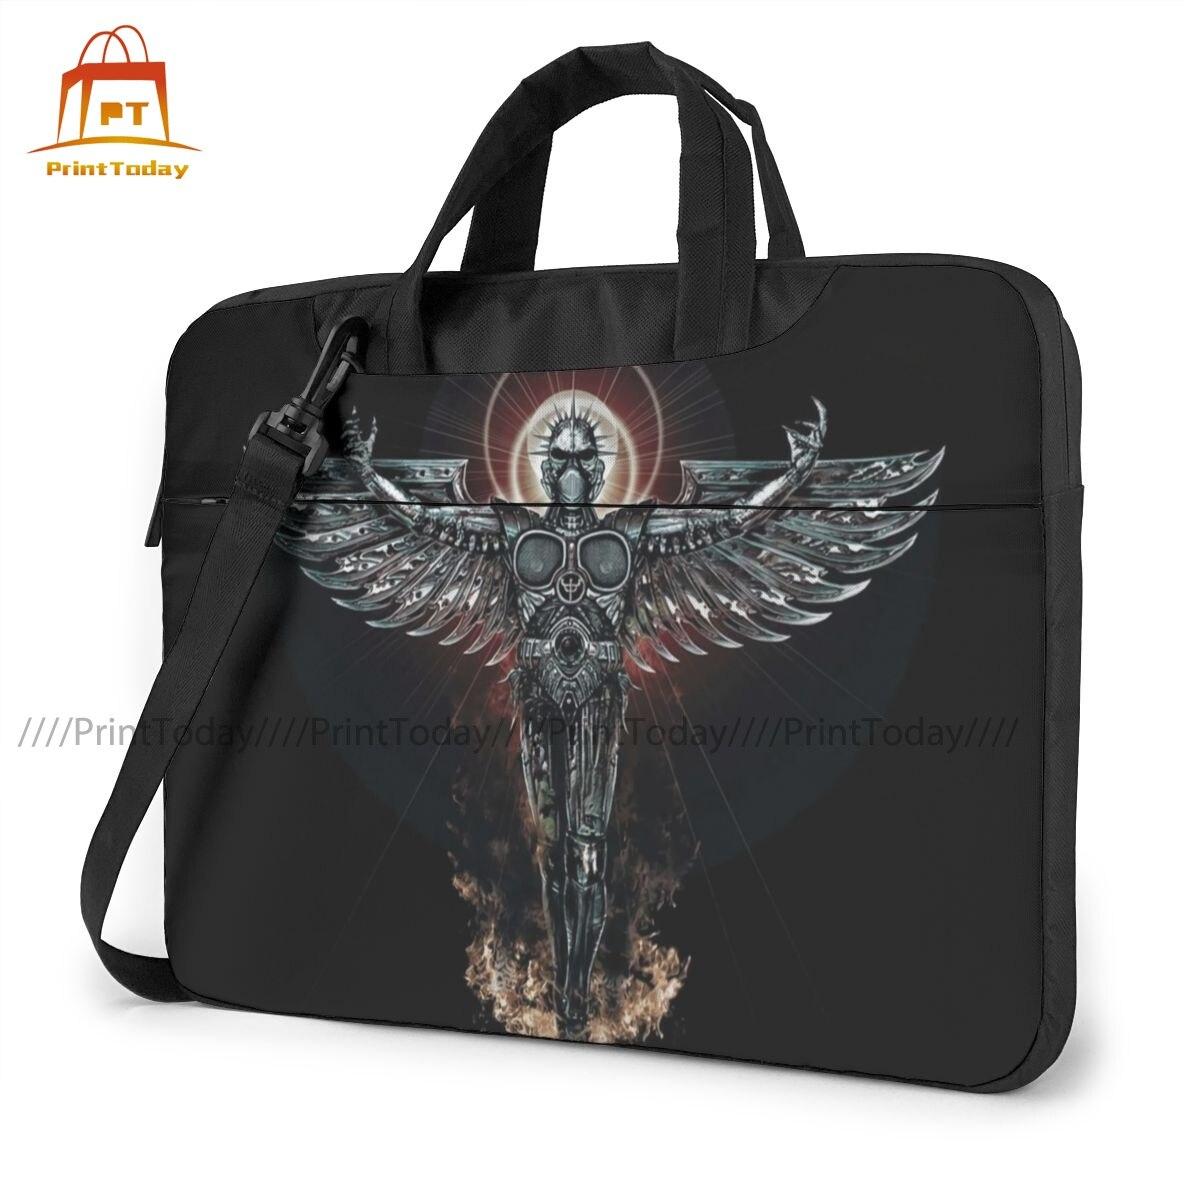 Judas كاهن حقيبة لابتوب حافظة واقية Kawaii حقيبة حاسوب دراجة مخلب حقيبة كمبيوتر محمول